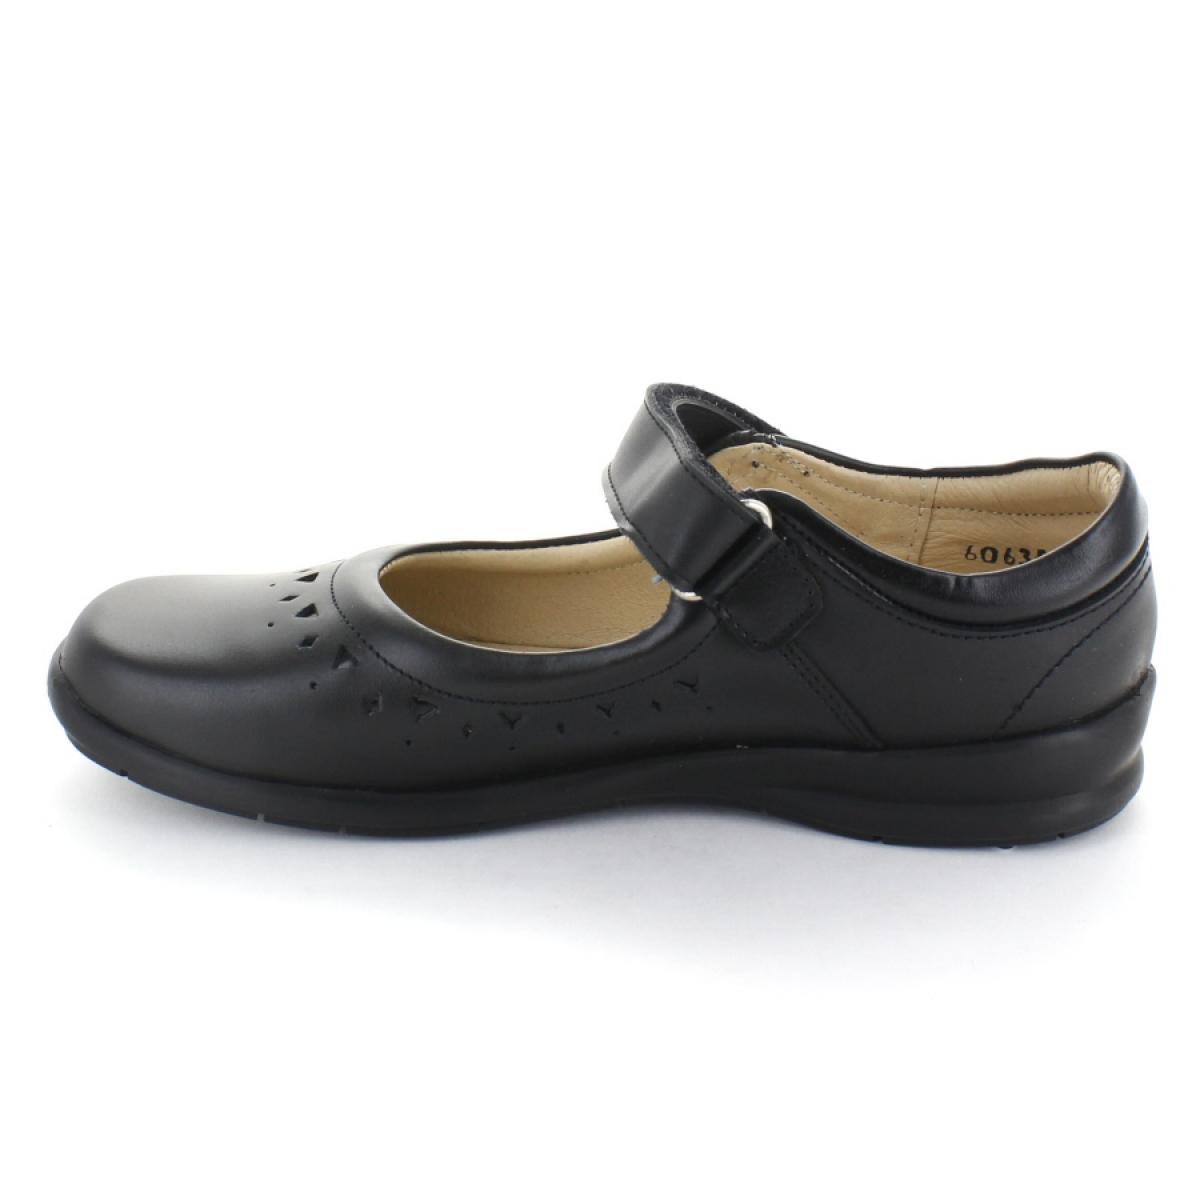 fb8cc546 ... Zapato para Niña Hush Puppies 60635 Color Negro